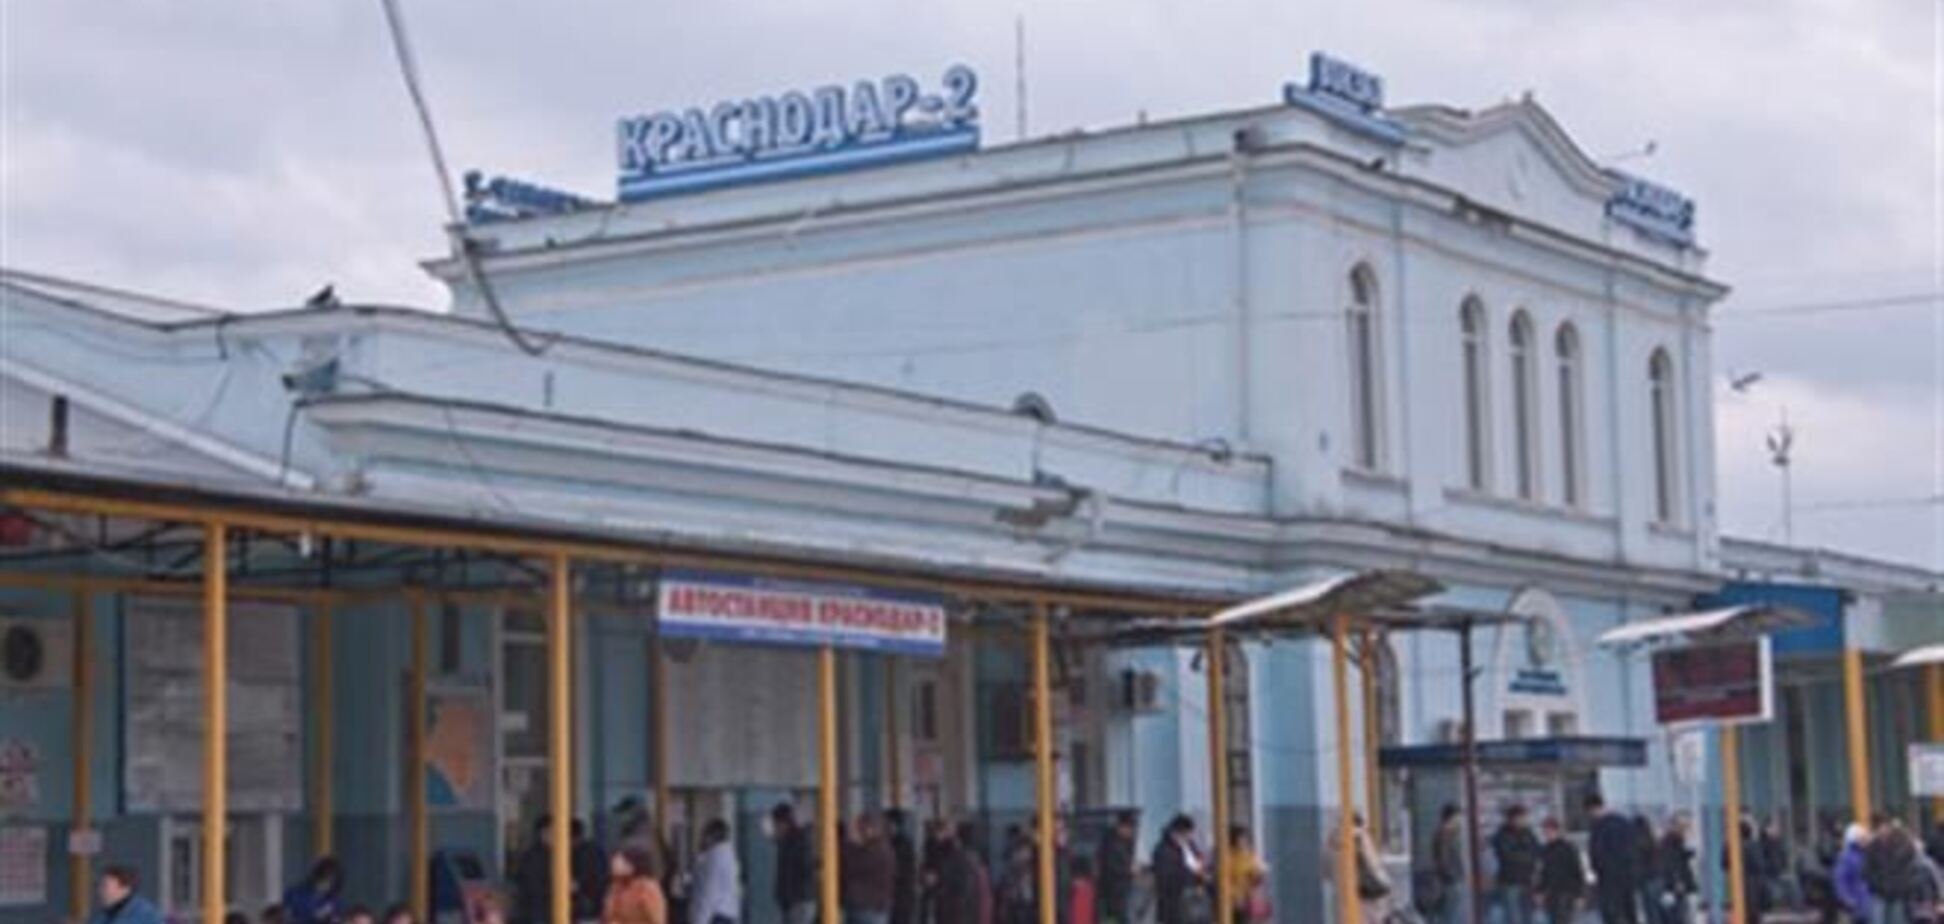 Автовокзал в Краснодарі евакуйований через підозрілий предмет